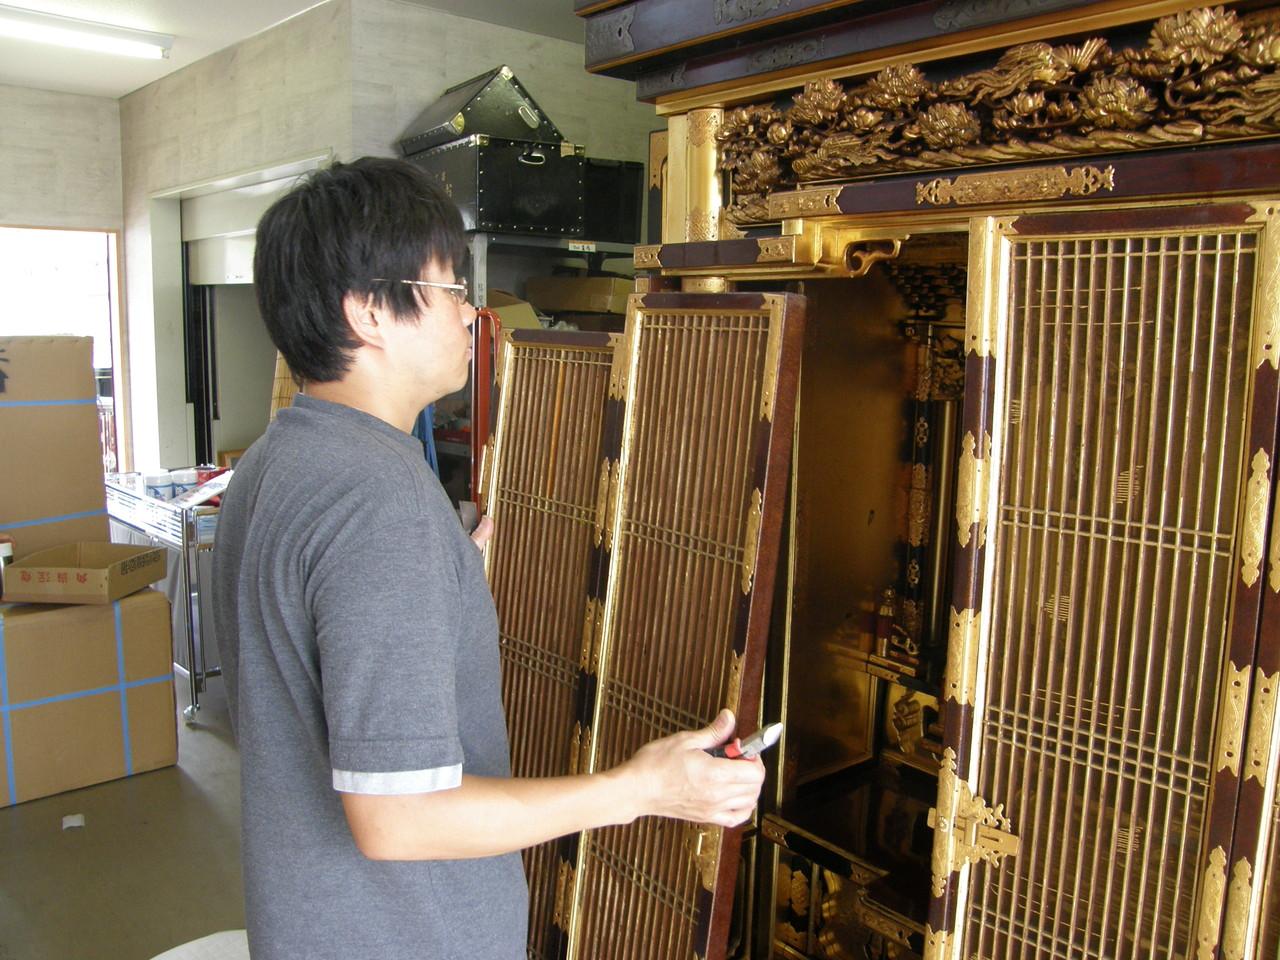 仏壇洗濯・修理 蝶番金具の真鍮釘を抜き、扉や障子を外す。